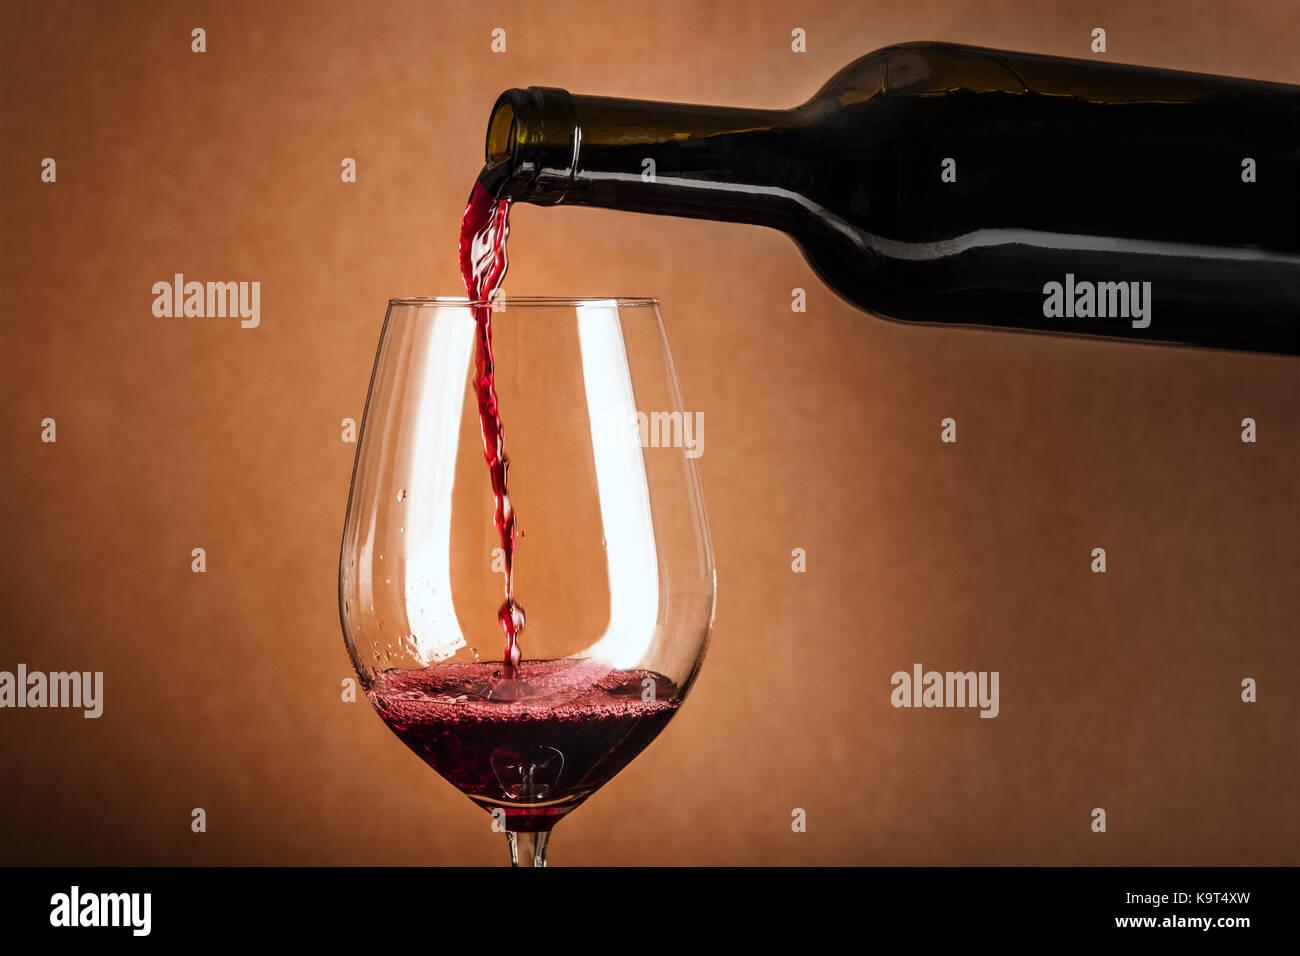 Rotwein in Glas von der Flasche Stockbild